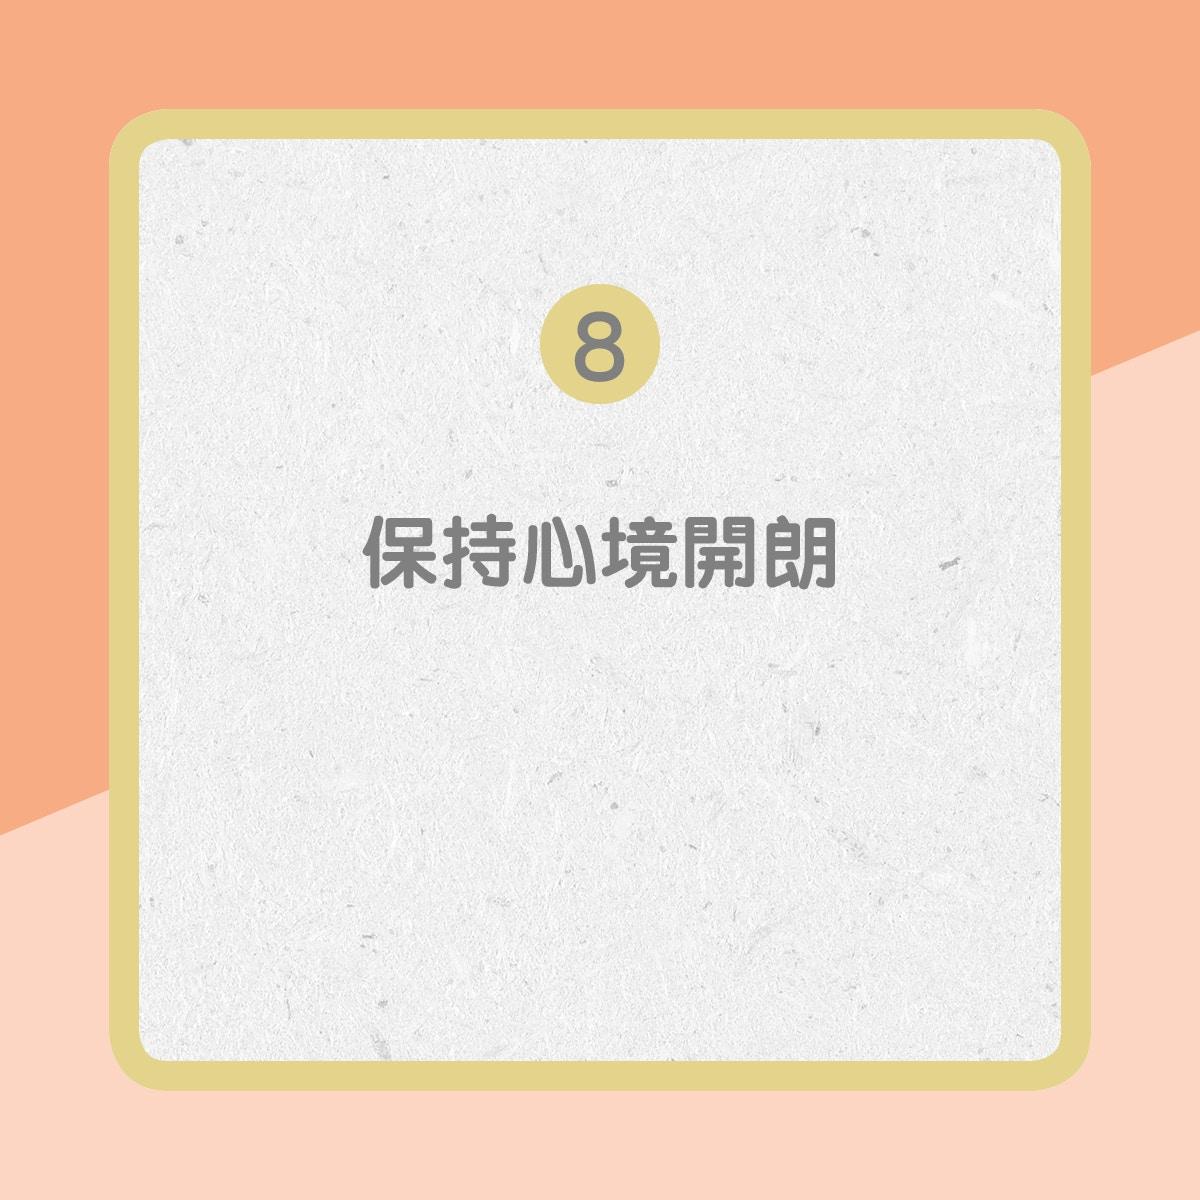 【心臟衰竭治療】8. 保持心境開朗(01製圖)